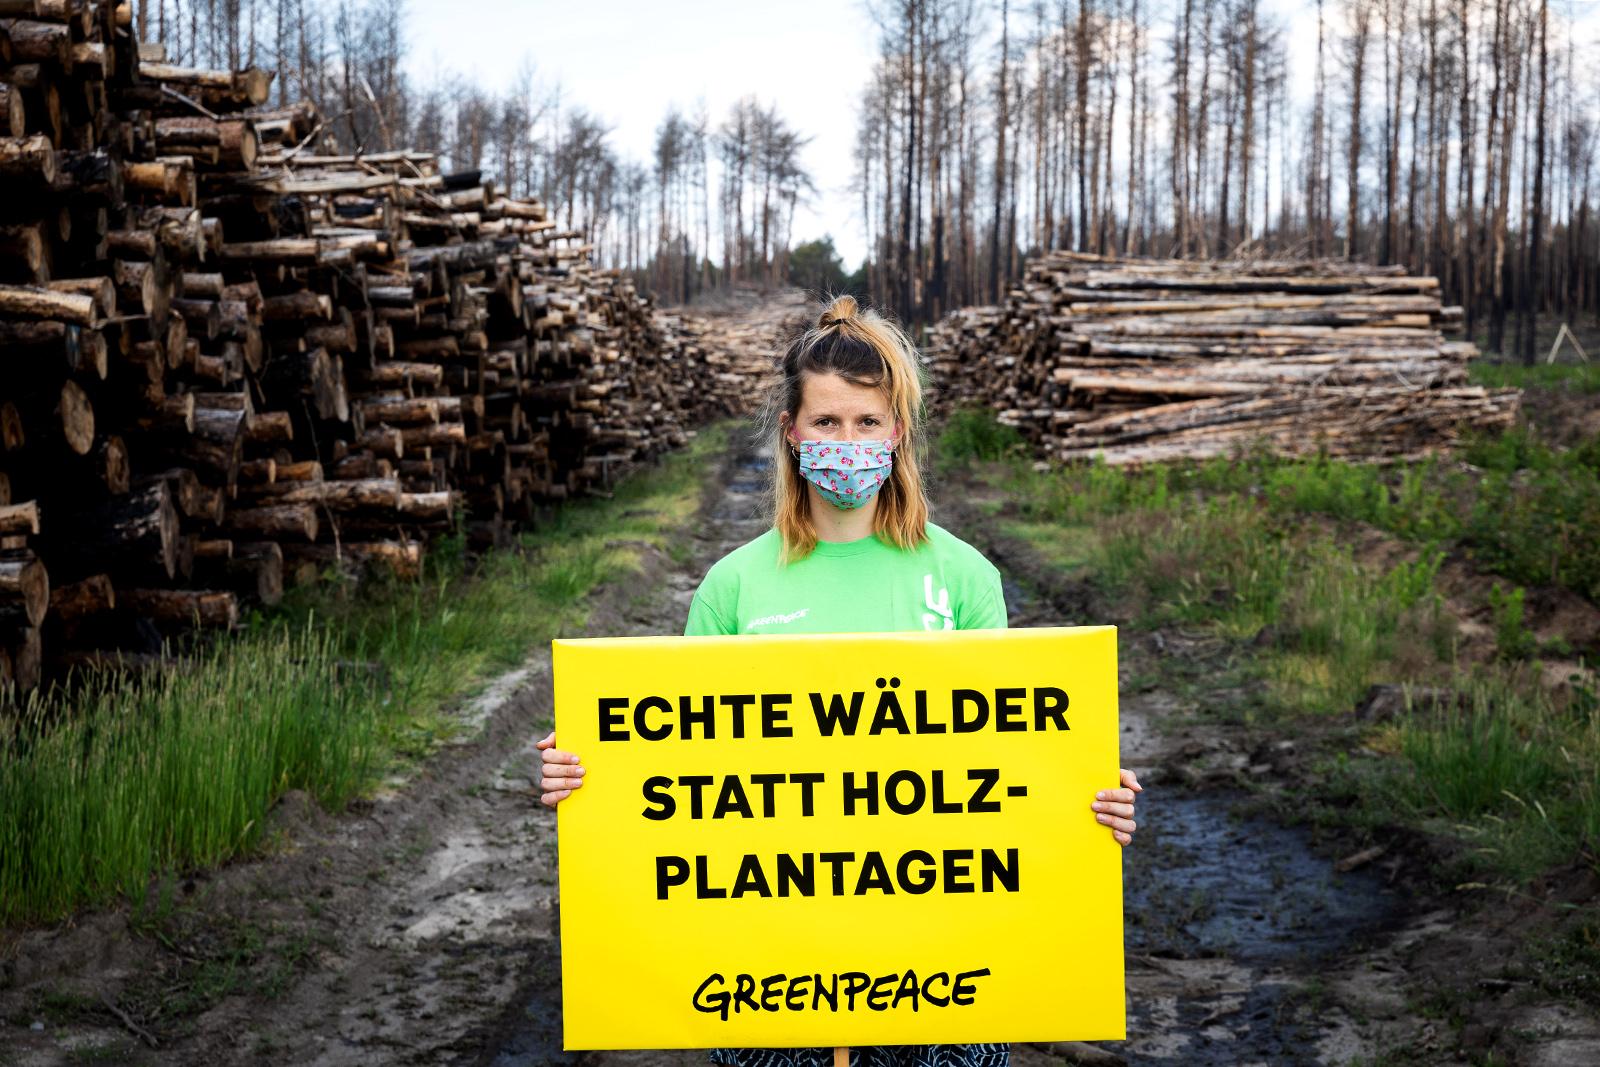 Protest für mehr Klimaschutz und bessere Waldbewirtschaftung in Brandenburg. Die Folgen der letztjährigen Dürren für die deutschen Wälder sind gravierend. 2020